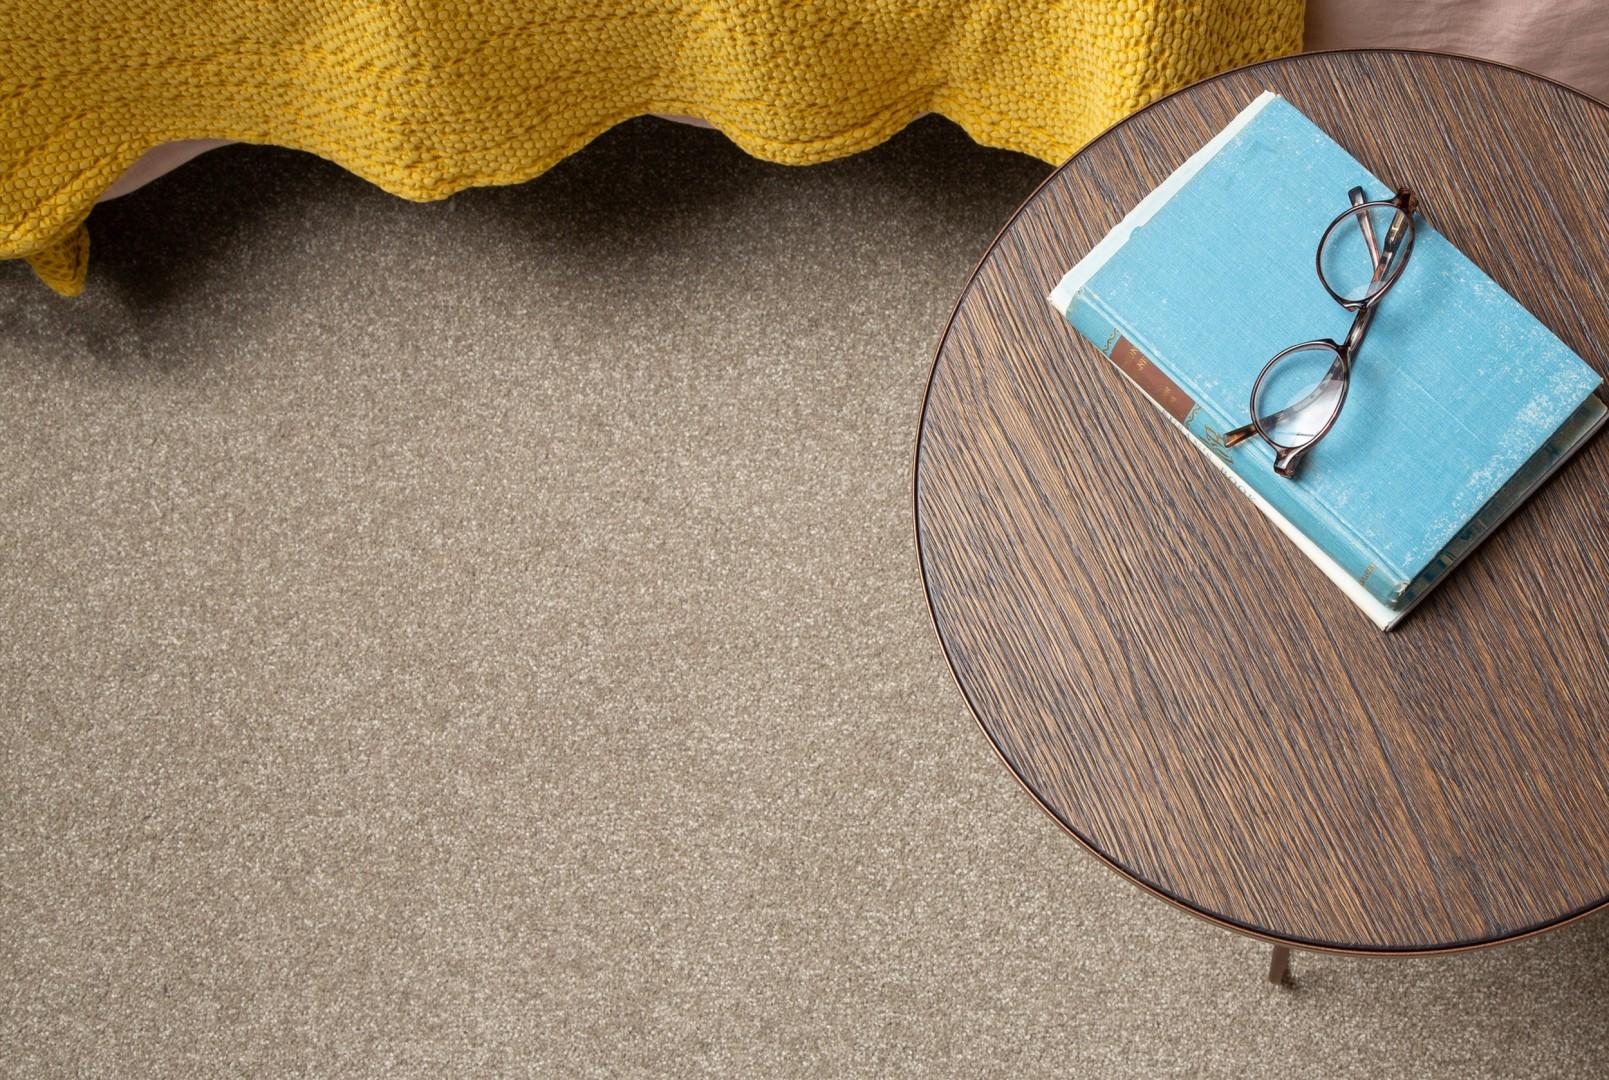 Empire Belgotex Carpet Flooring Nz